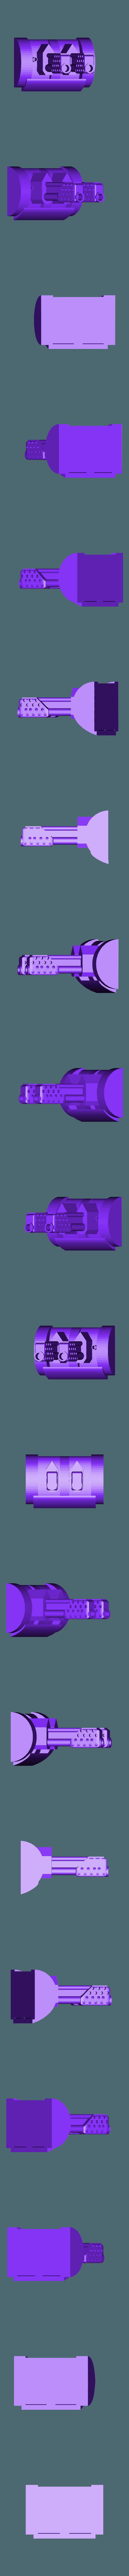 4_rad_Twin_Flamers.stl Télécharger fichier STL gratuit Vehcile de jeu de science-fiction Flamwagen à 4 rayons • Objet imprimable en 3D, redstarkits